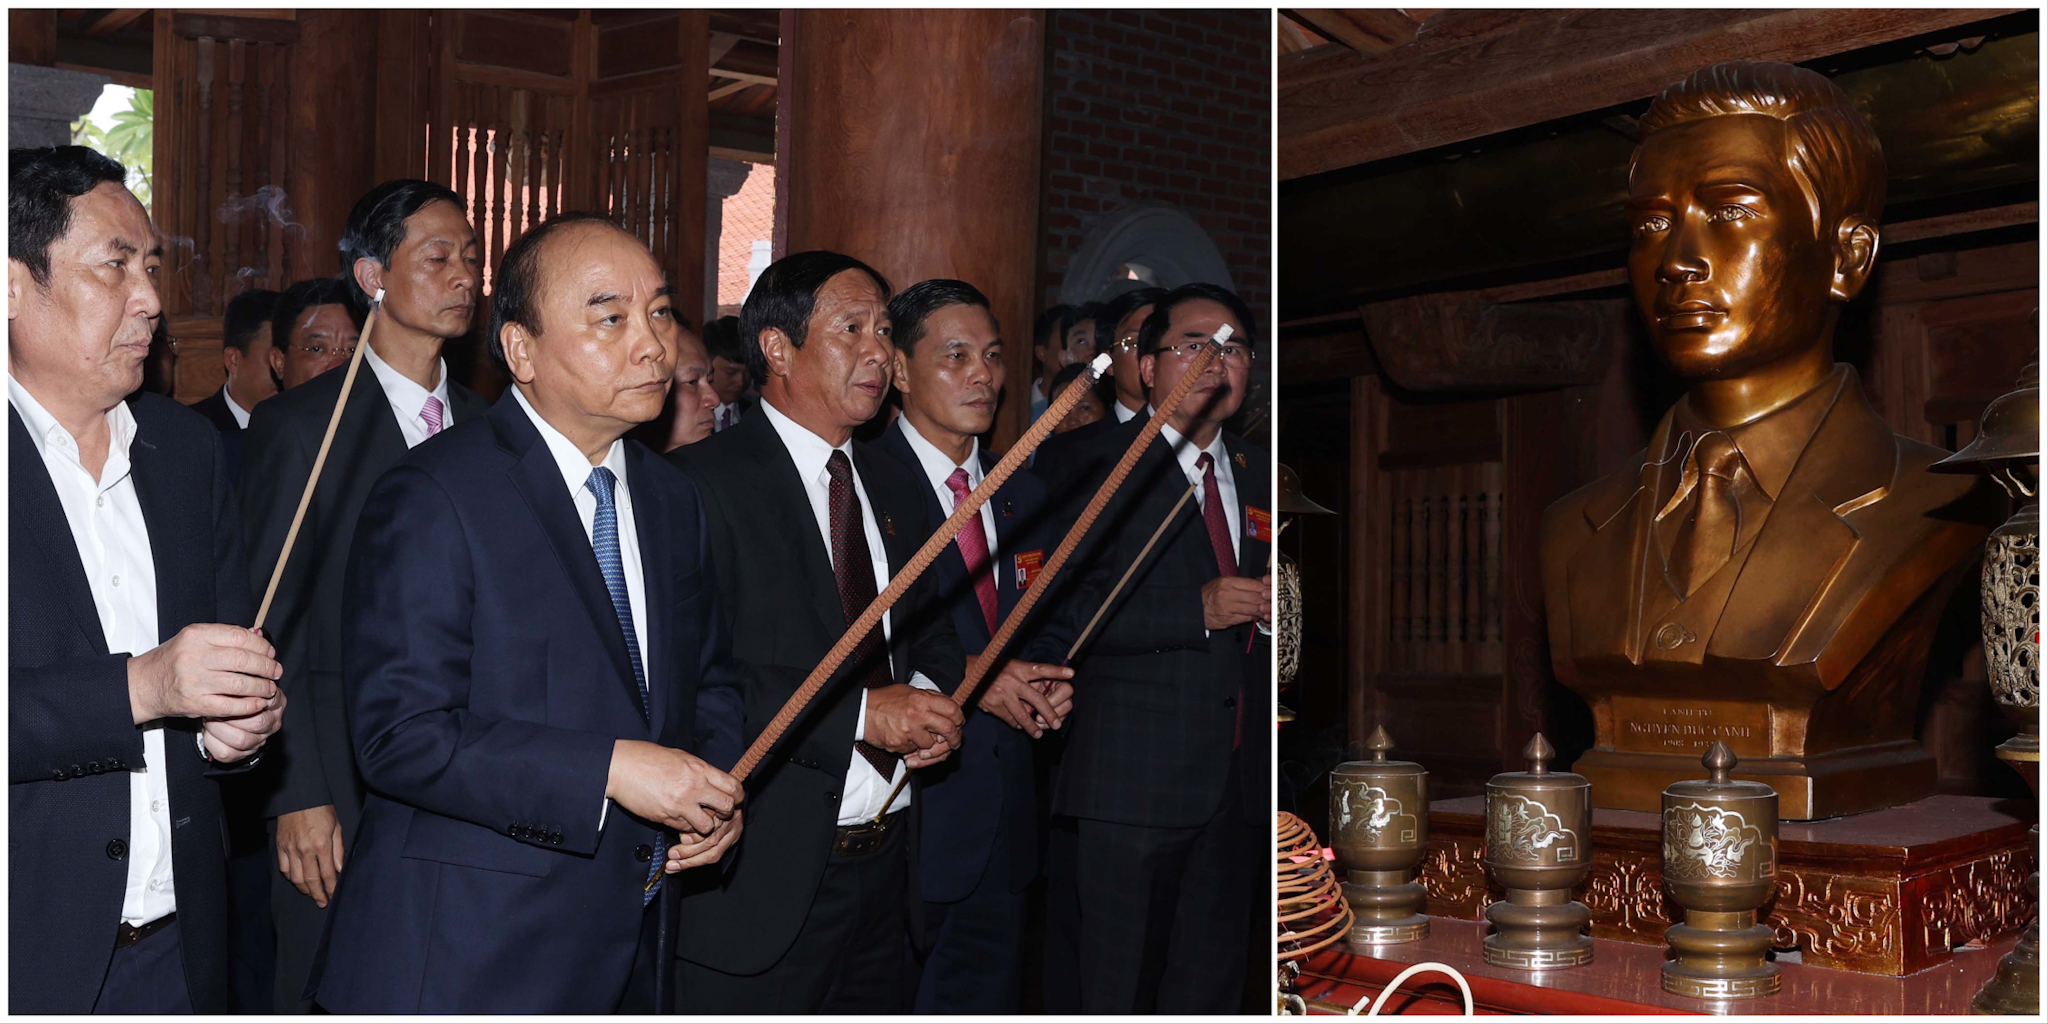 Thủ tướng Nguyễn Xuân Phúc dâng hương tưởng niệm đồng chí Nguyễn Đức Cảnh. Ảnh: VGP/Quang Hiếu